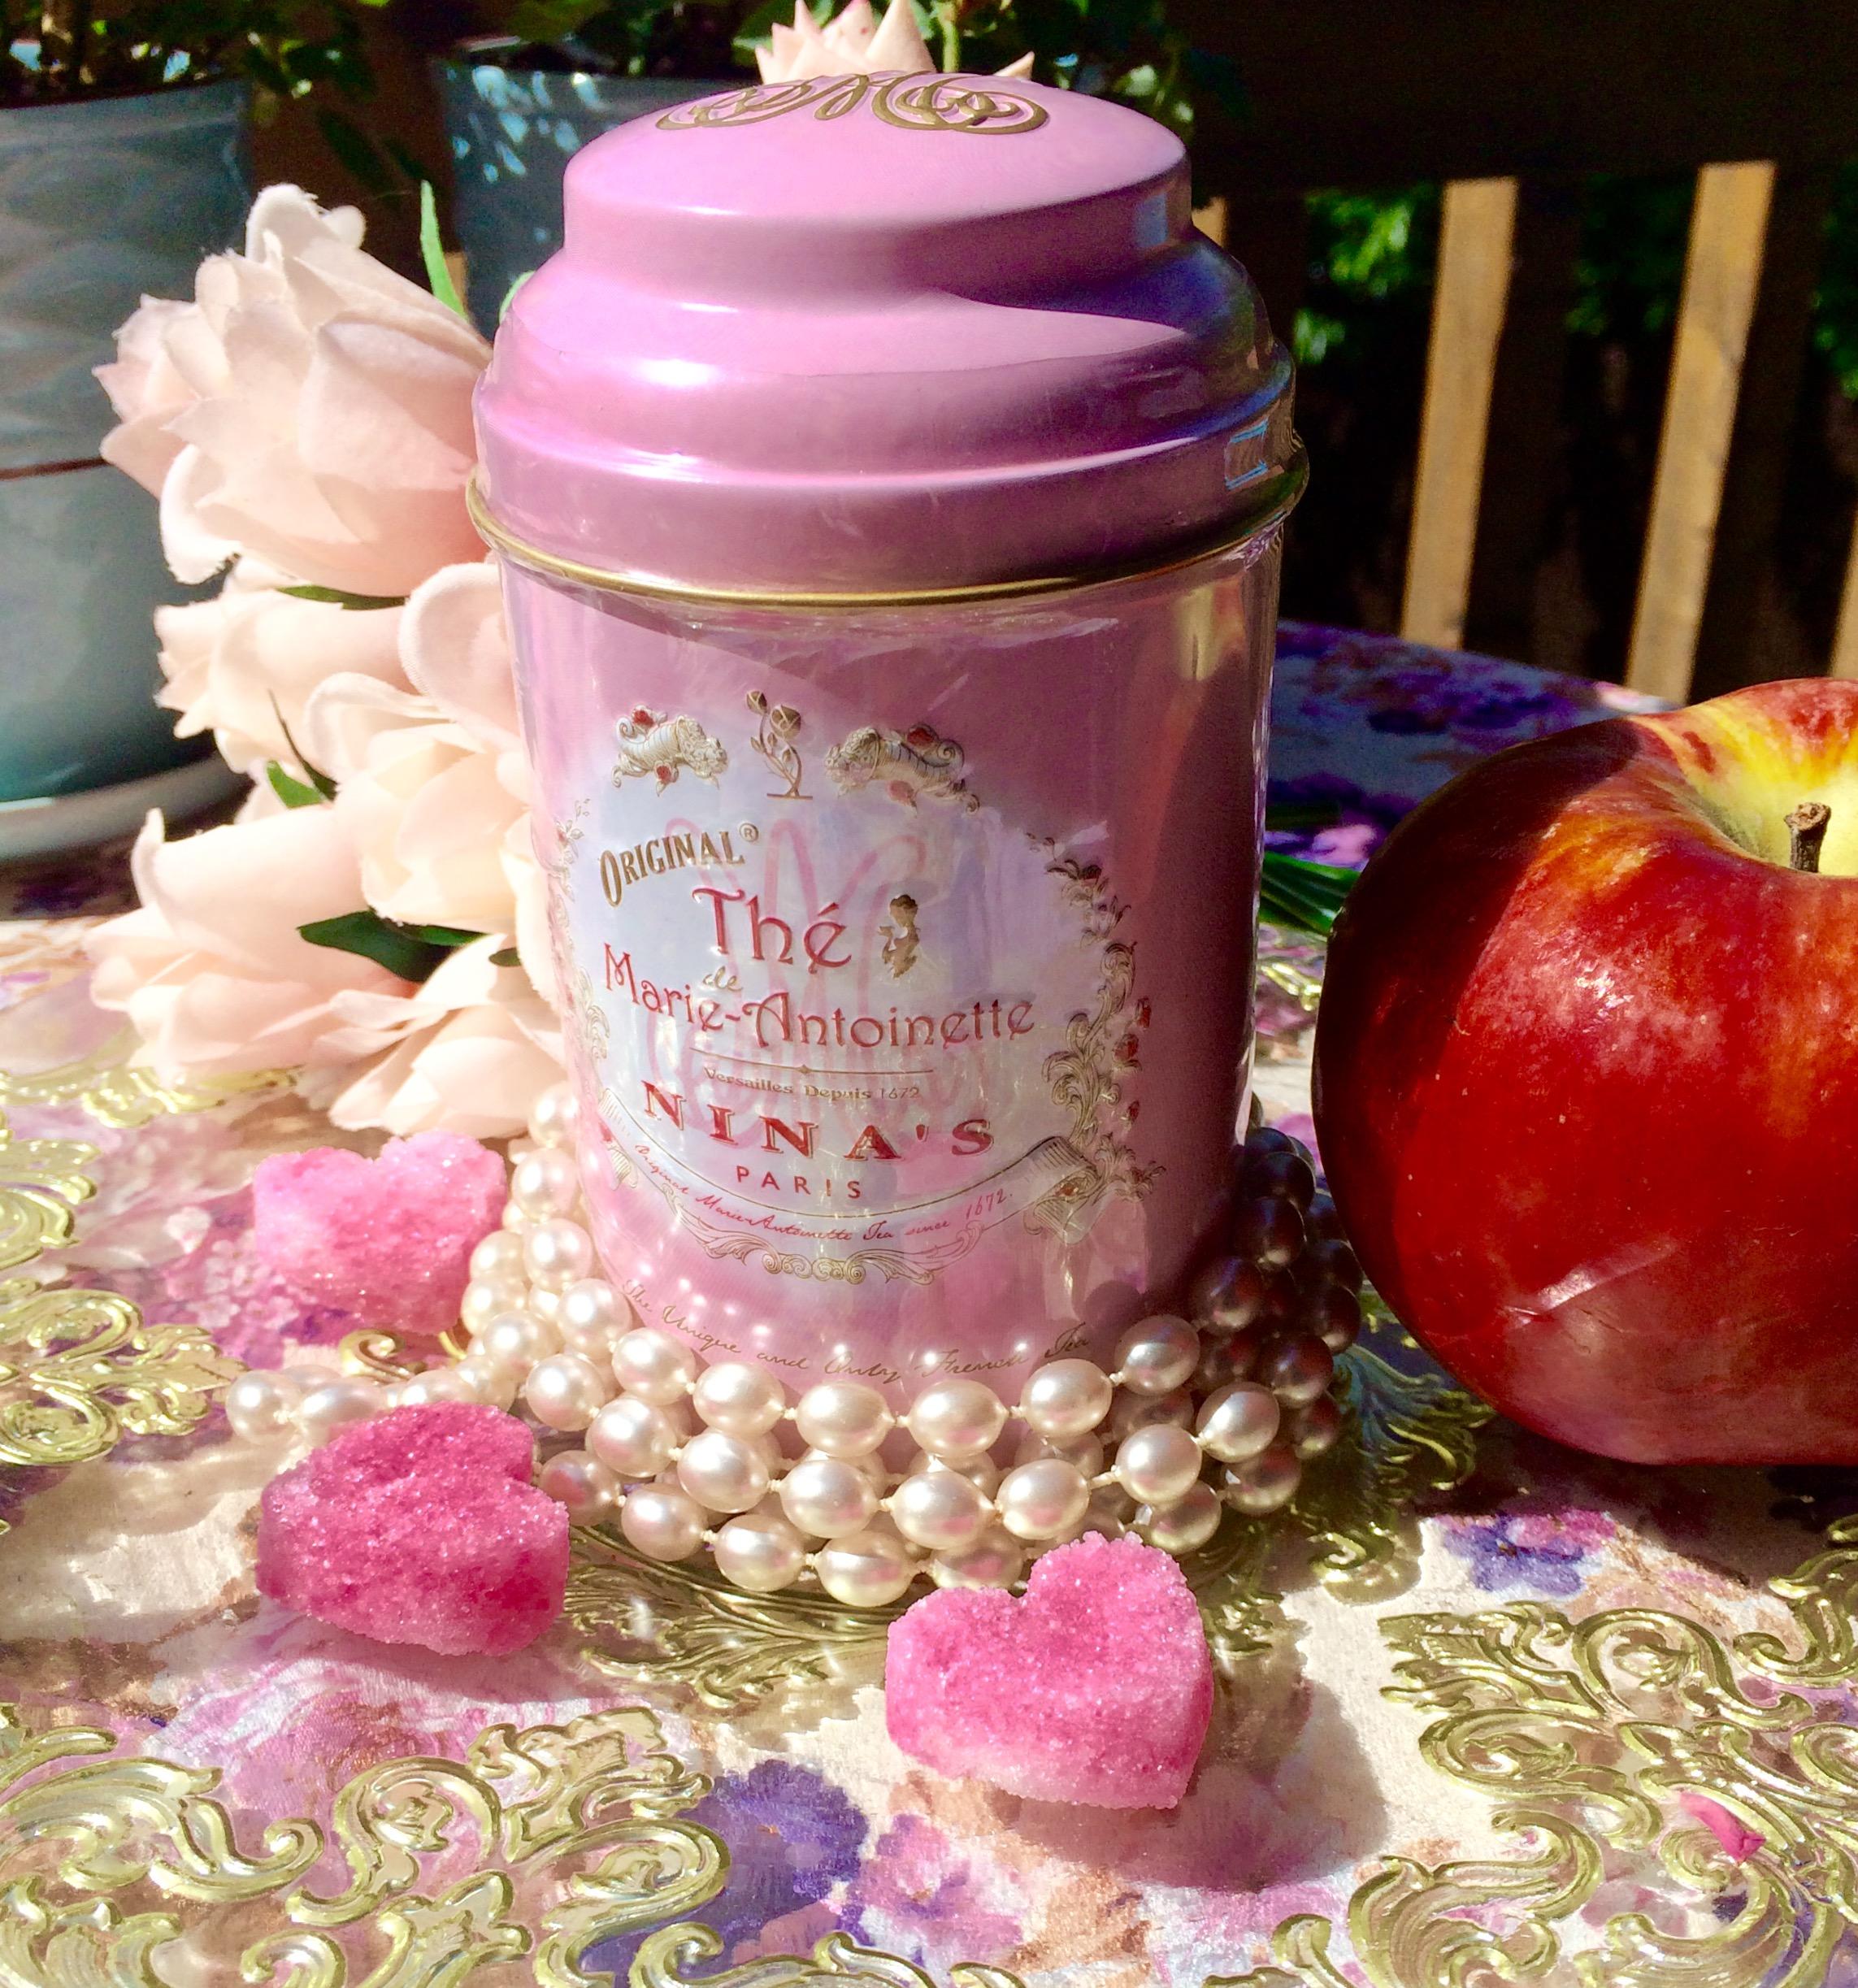 Marie Antoinette Versailles Tea